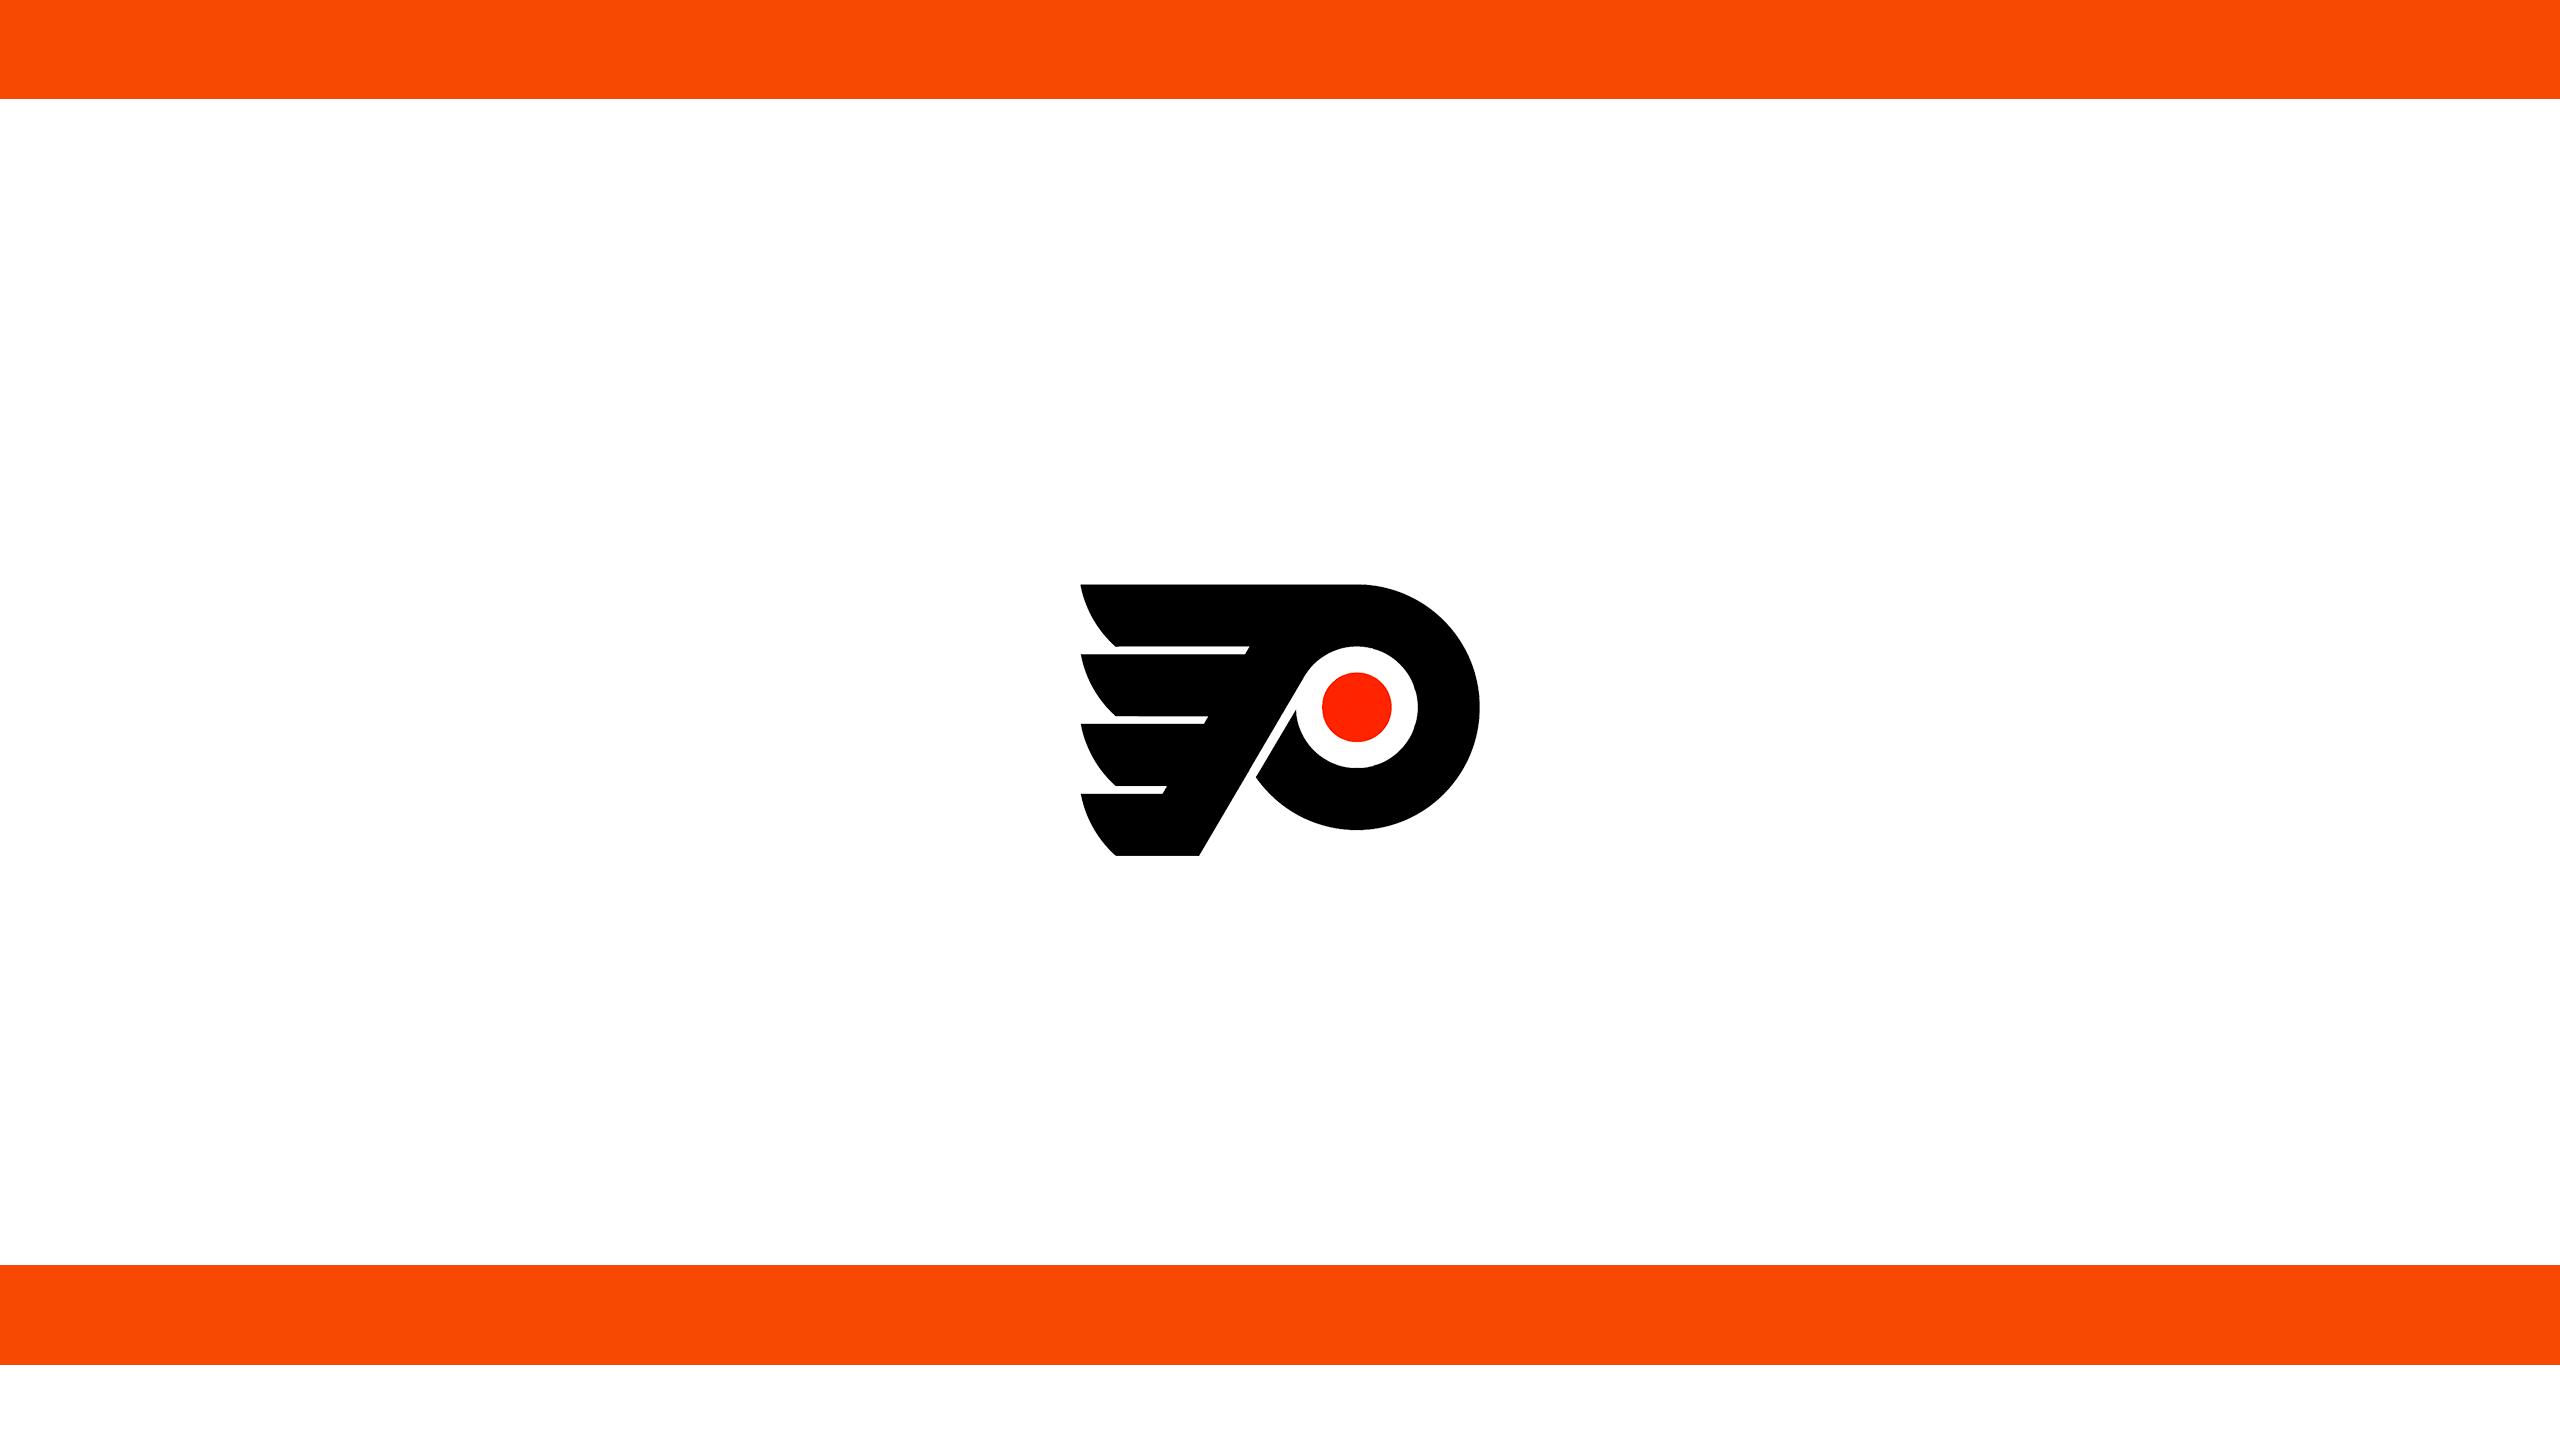 Philadelphia Flyers (Away)